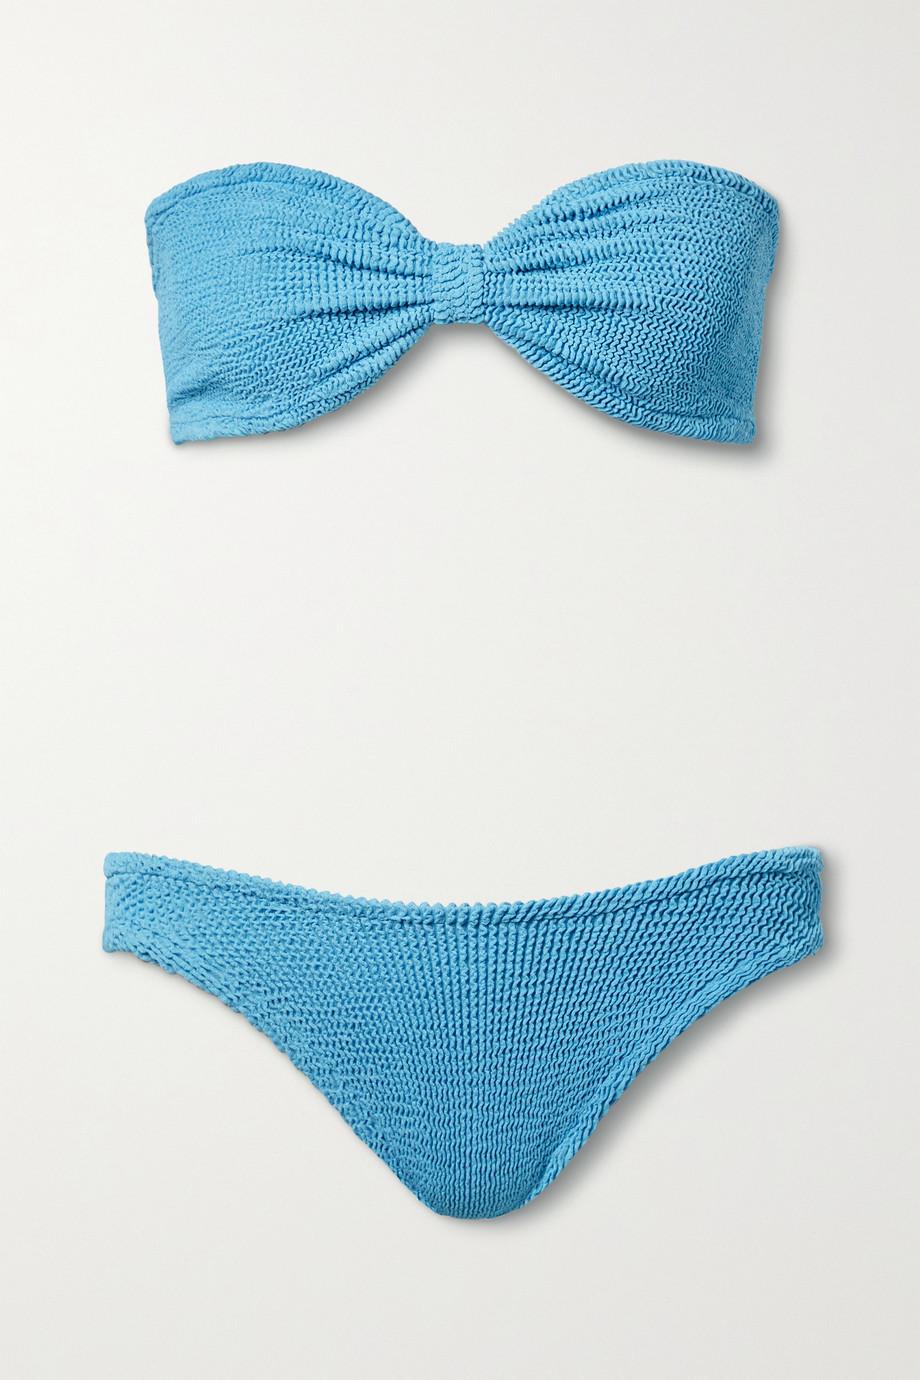 Hunza G + NET SUSTAIN Jean seersucker bandeau bikini